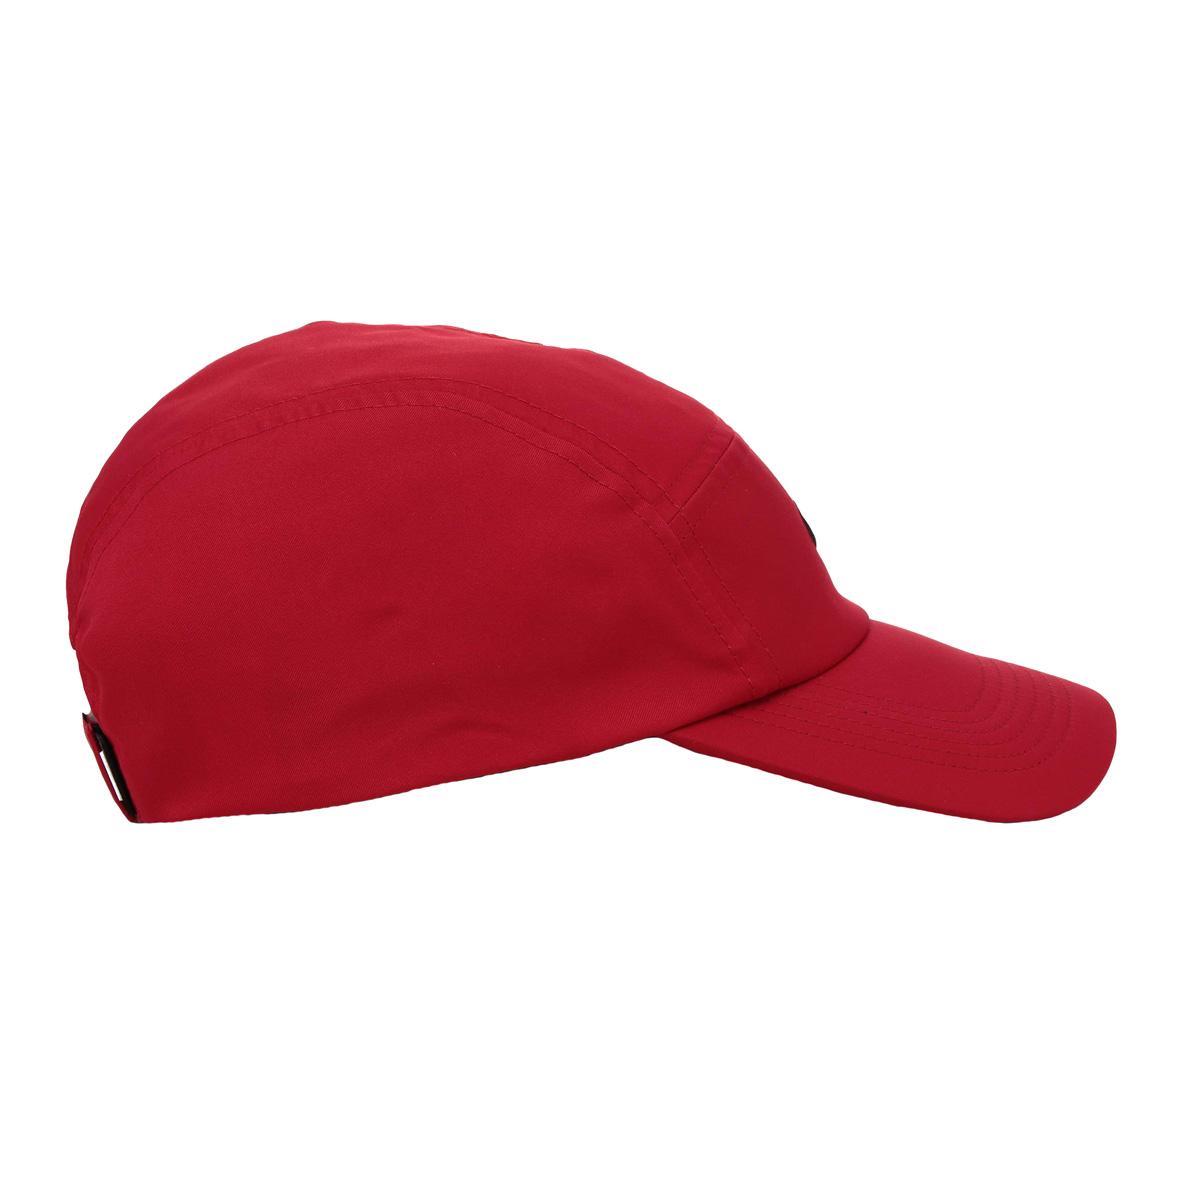 Boné Nike AW84 Core Vermelho - Empório do Tenista 0168b80b0c0